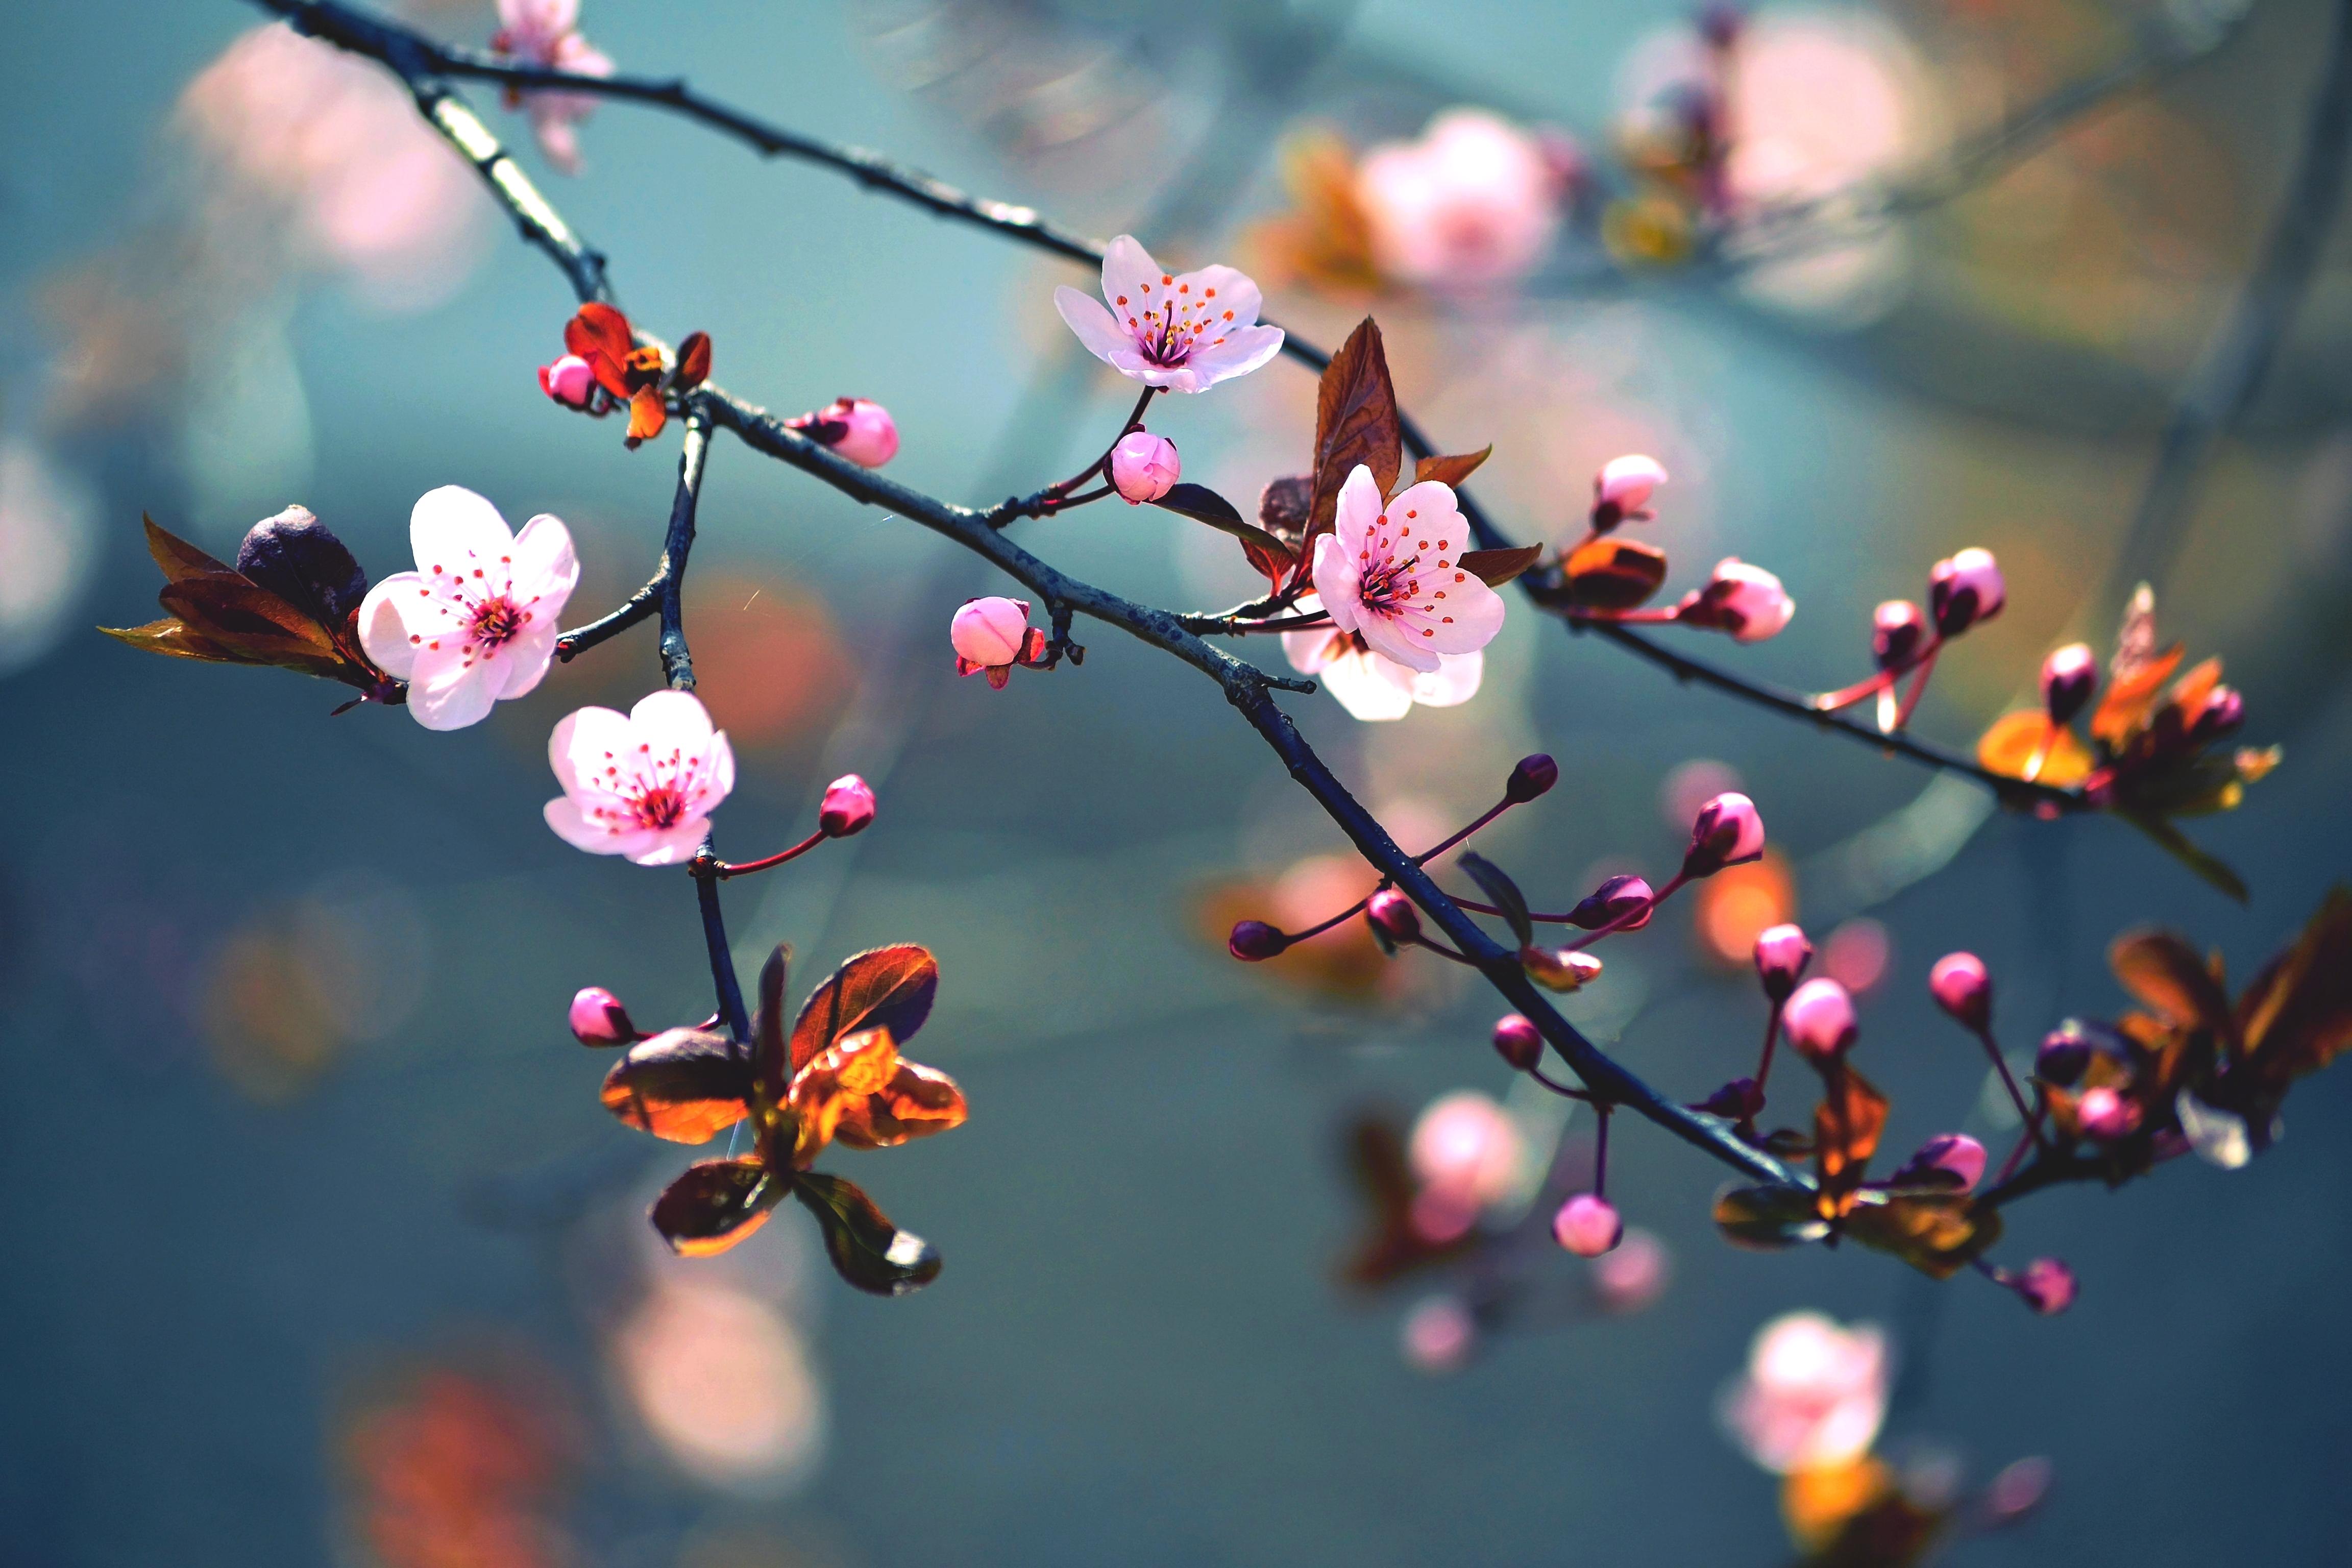 Картинка с весна